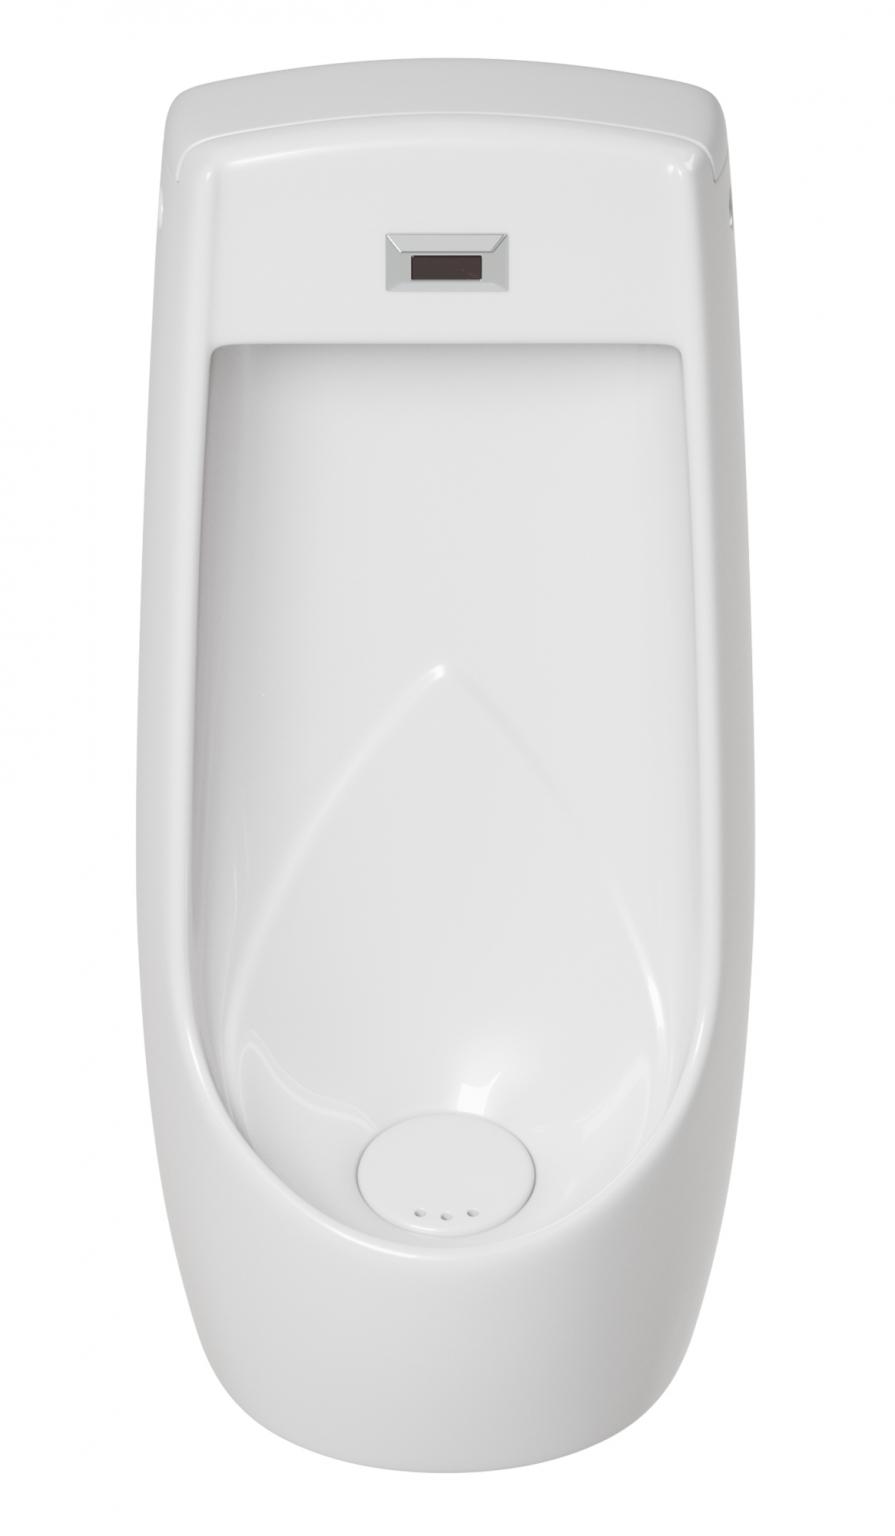 Писсуар напольный автоматический (сенсорный) Laguraty Sensor 412